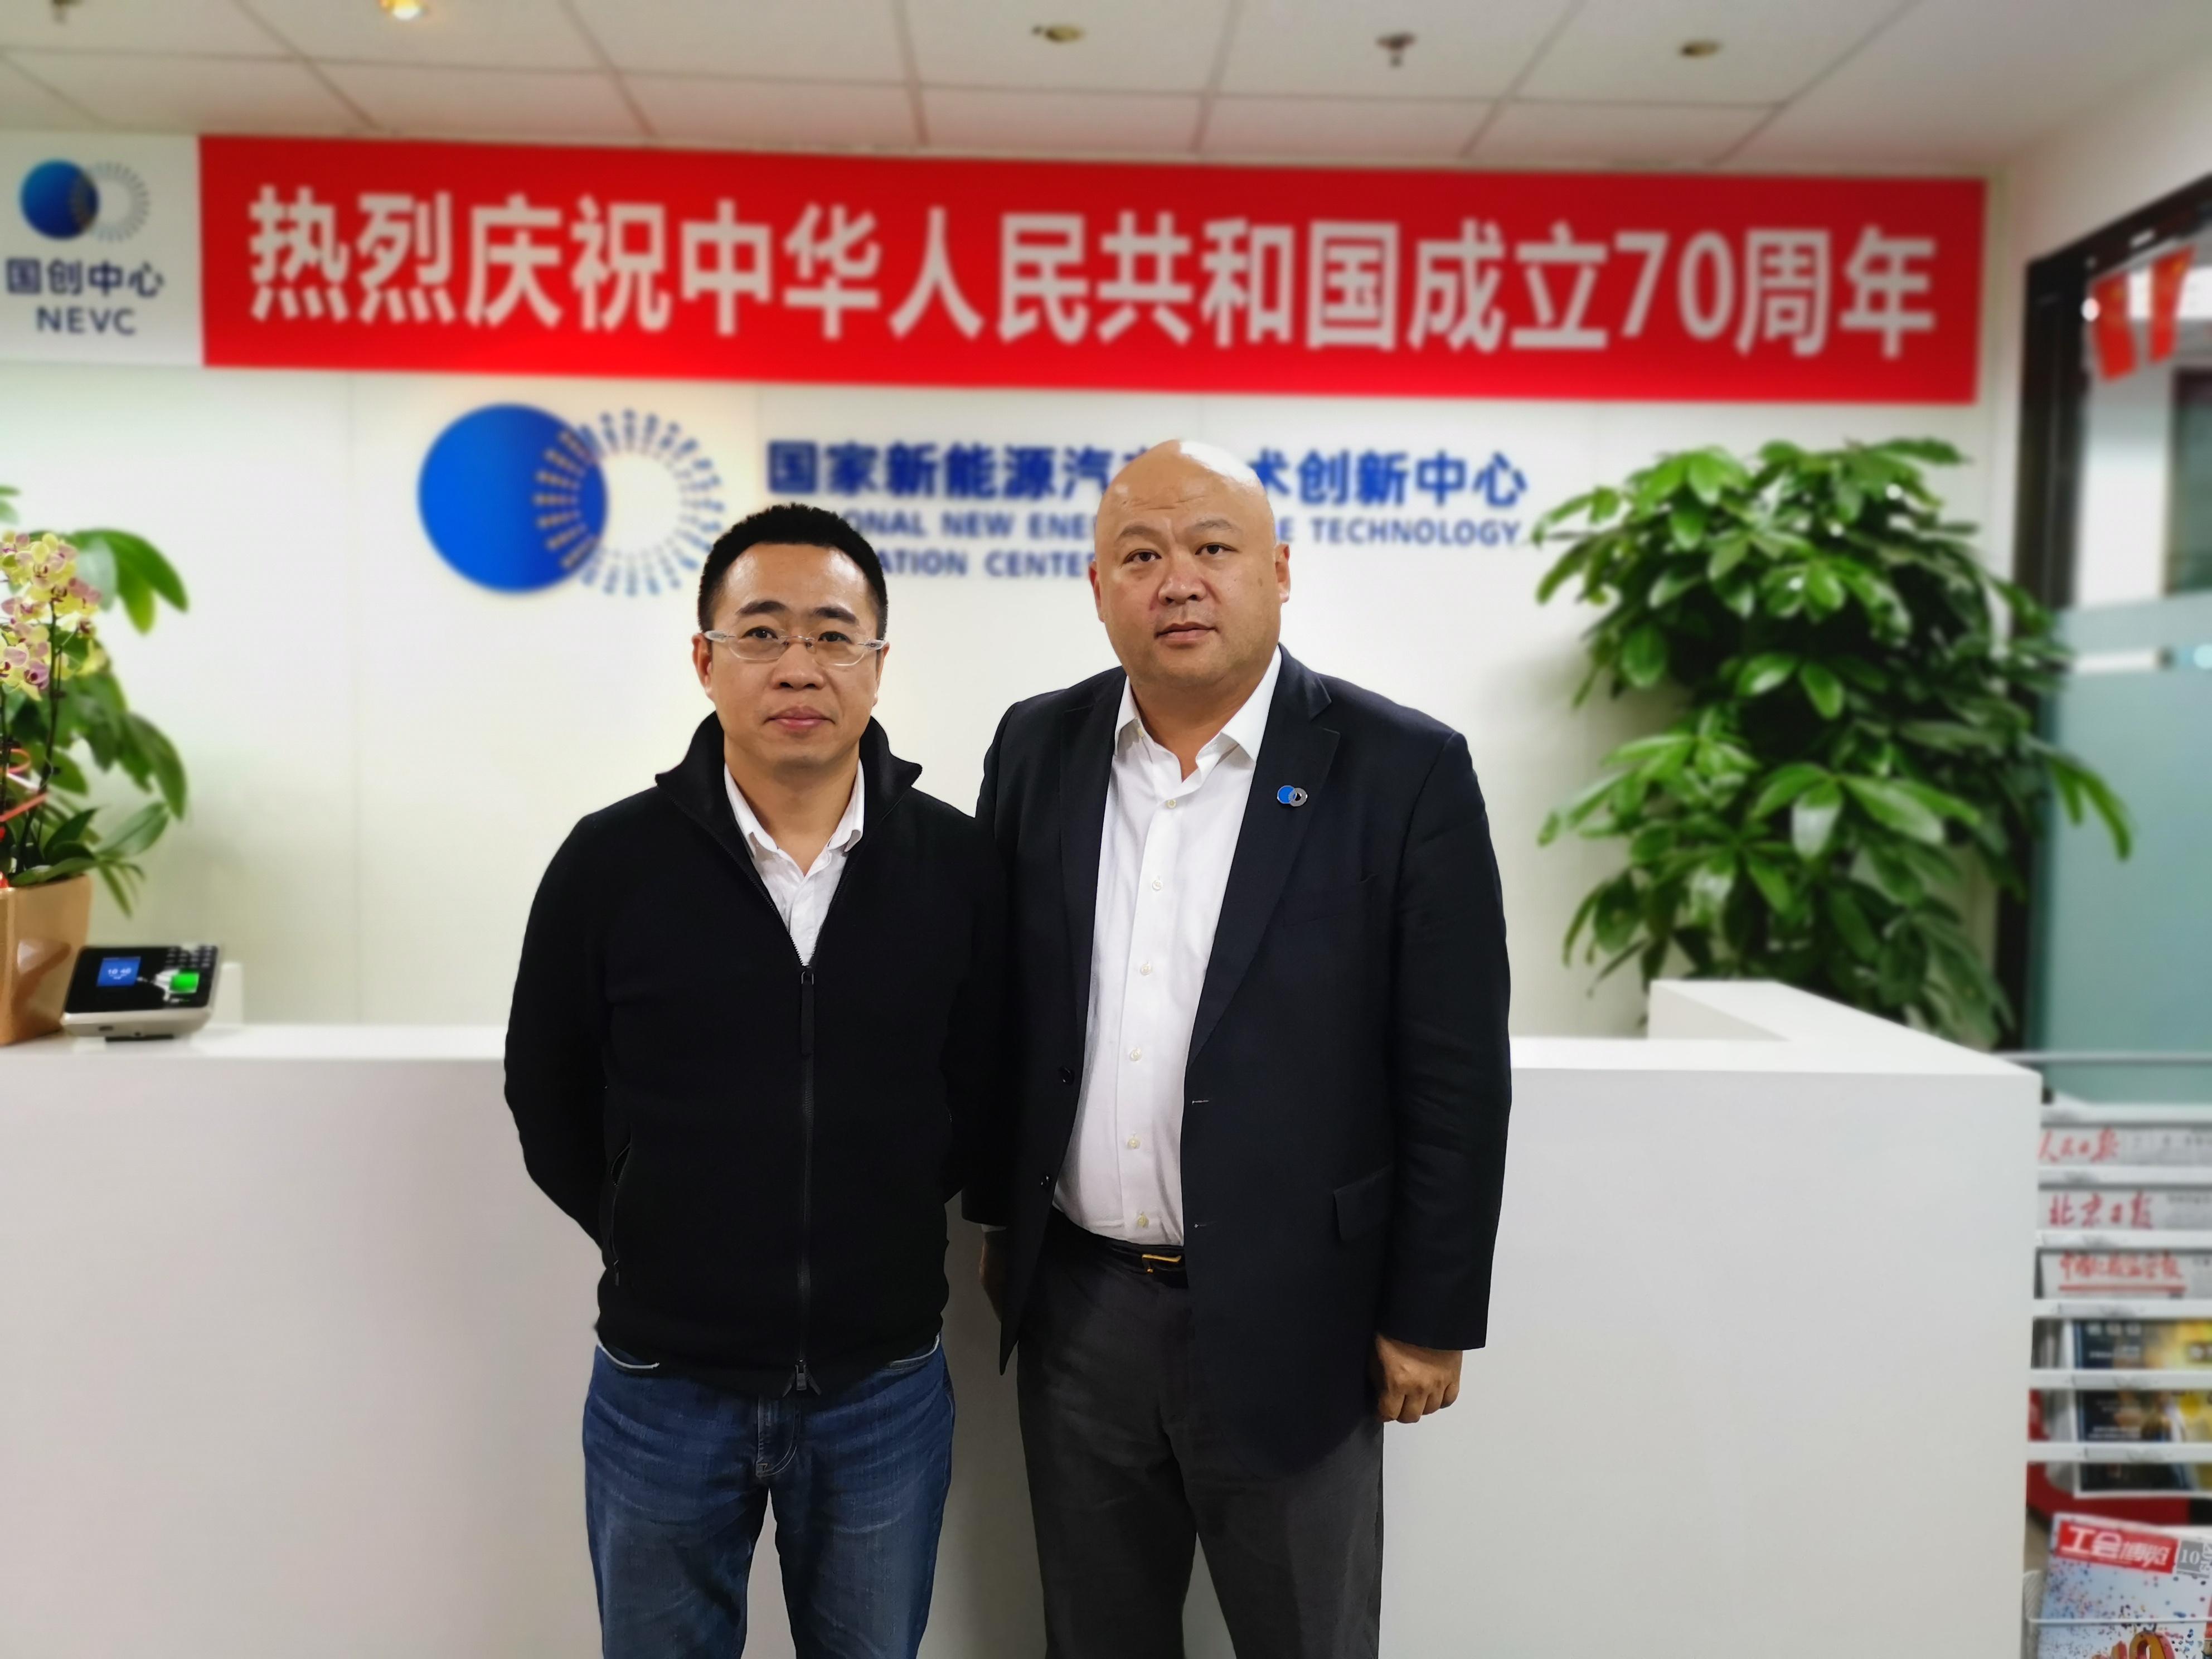 车云网、电动邦创始人兼CEO程李(左)与国创中心总经理原诚寅(右)合影